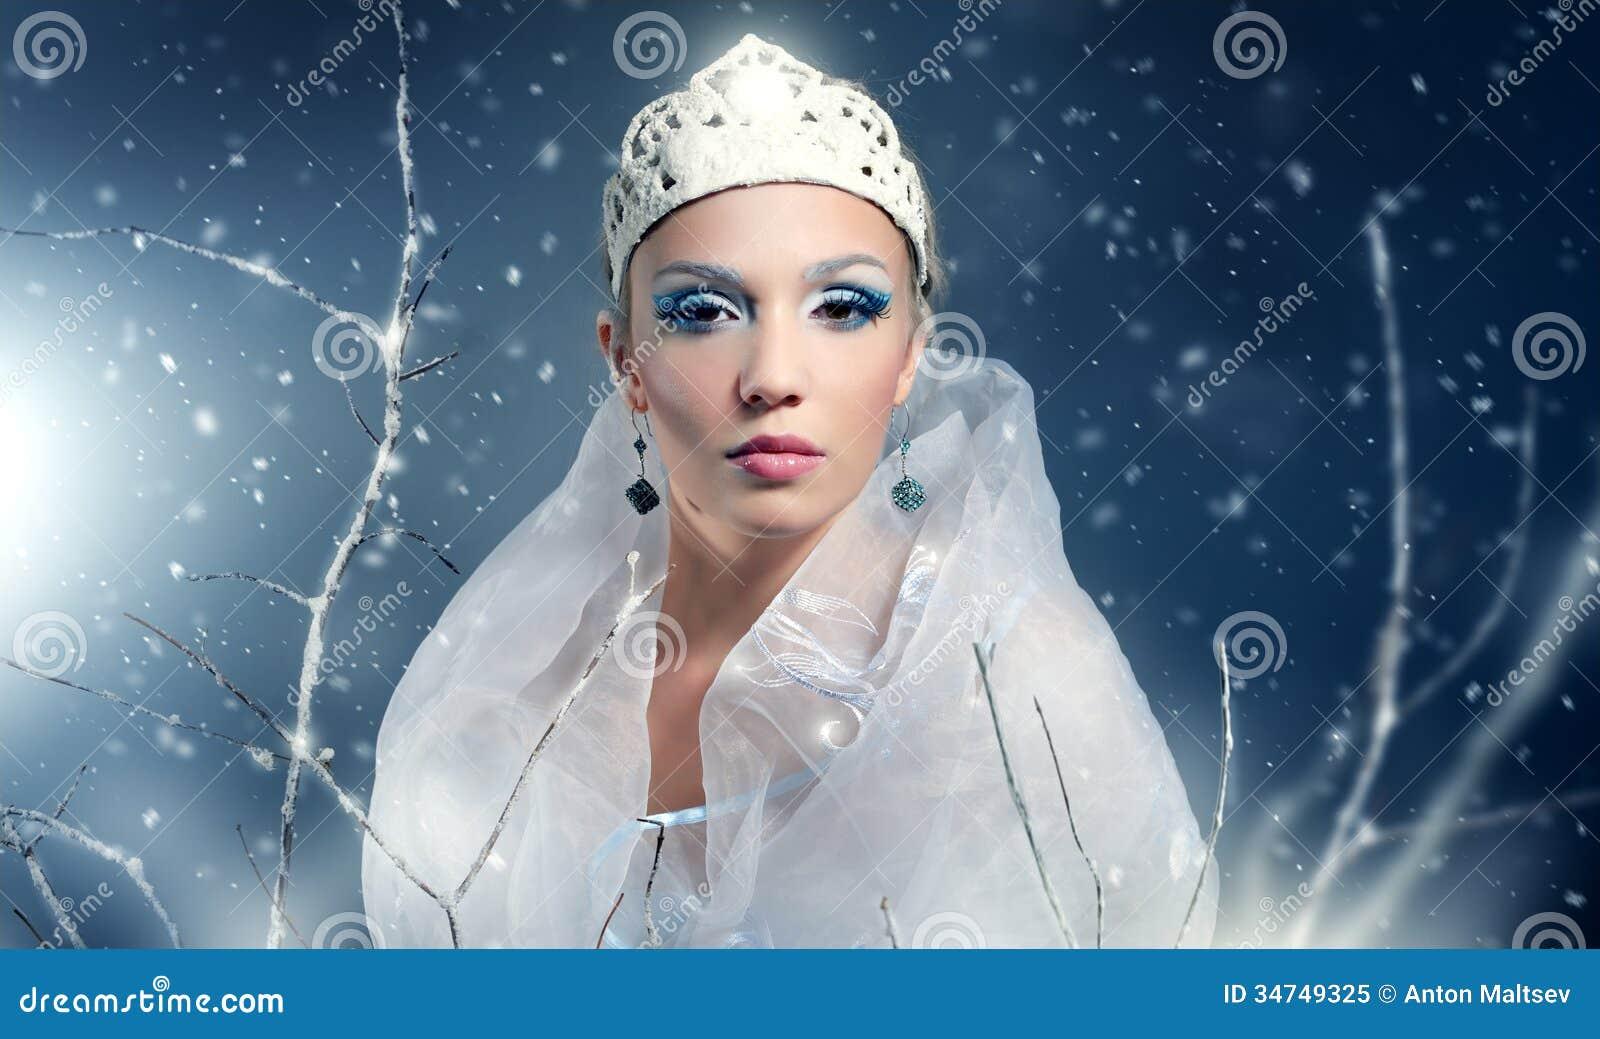 Citaten Winter Queen : Winter queen royalty free stock photo image